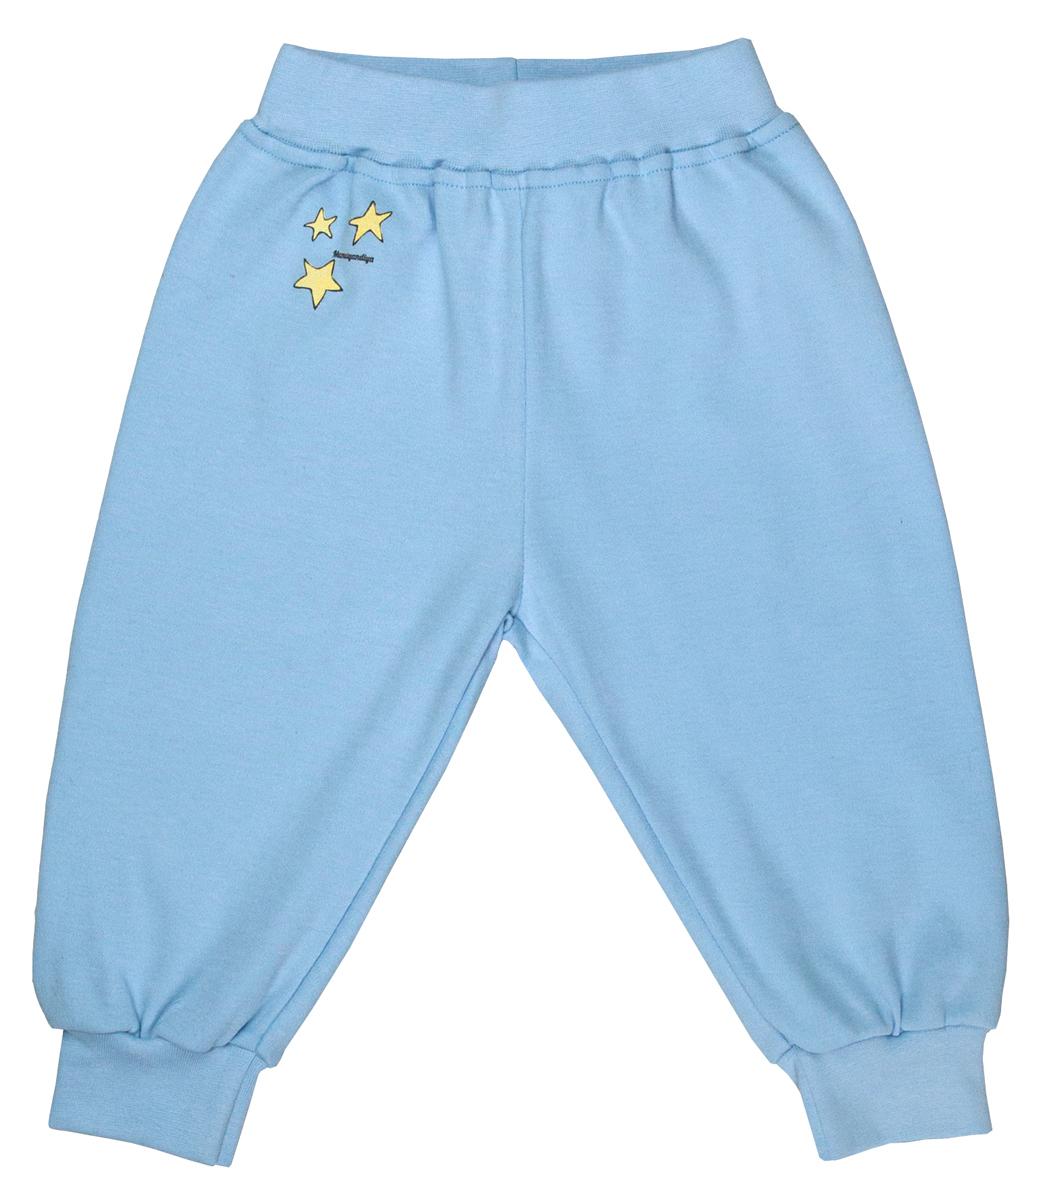 Брюки для мальчика Мамуляндия Сказочный сон, цвет: голубой. 17-1709. Размер 86 кофта для мальчика мамуляндия сказочный сон цвет голубой 17 1704 размер 86